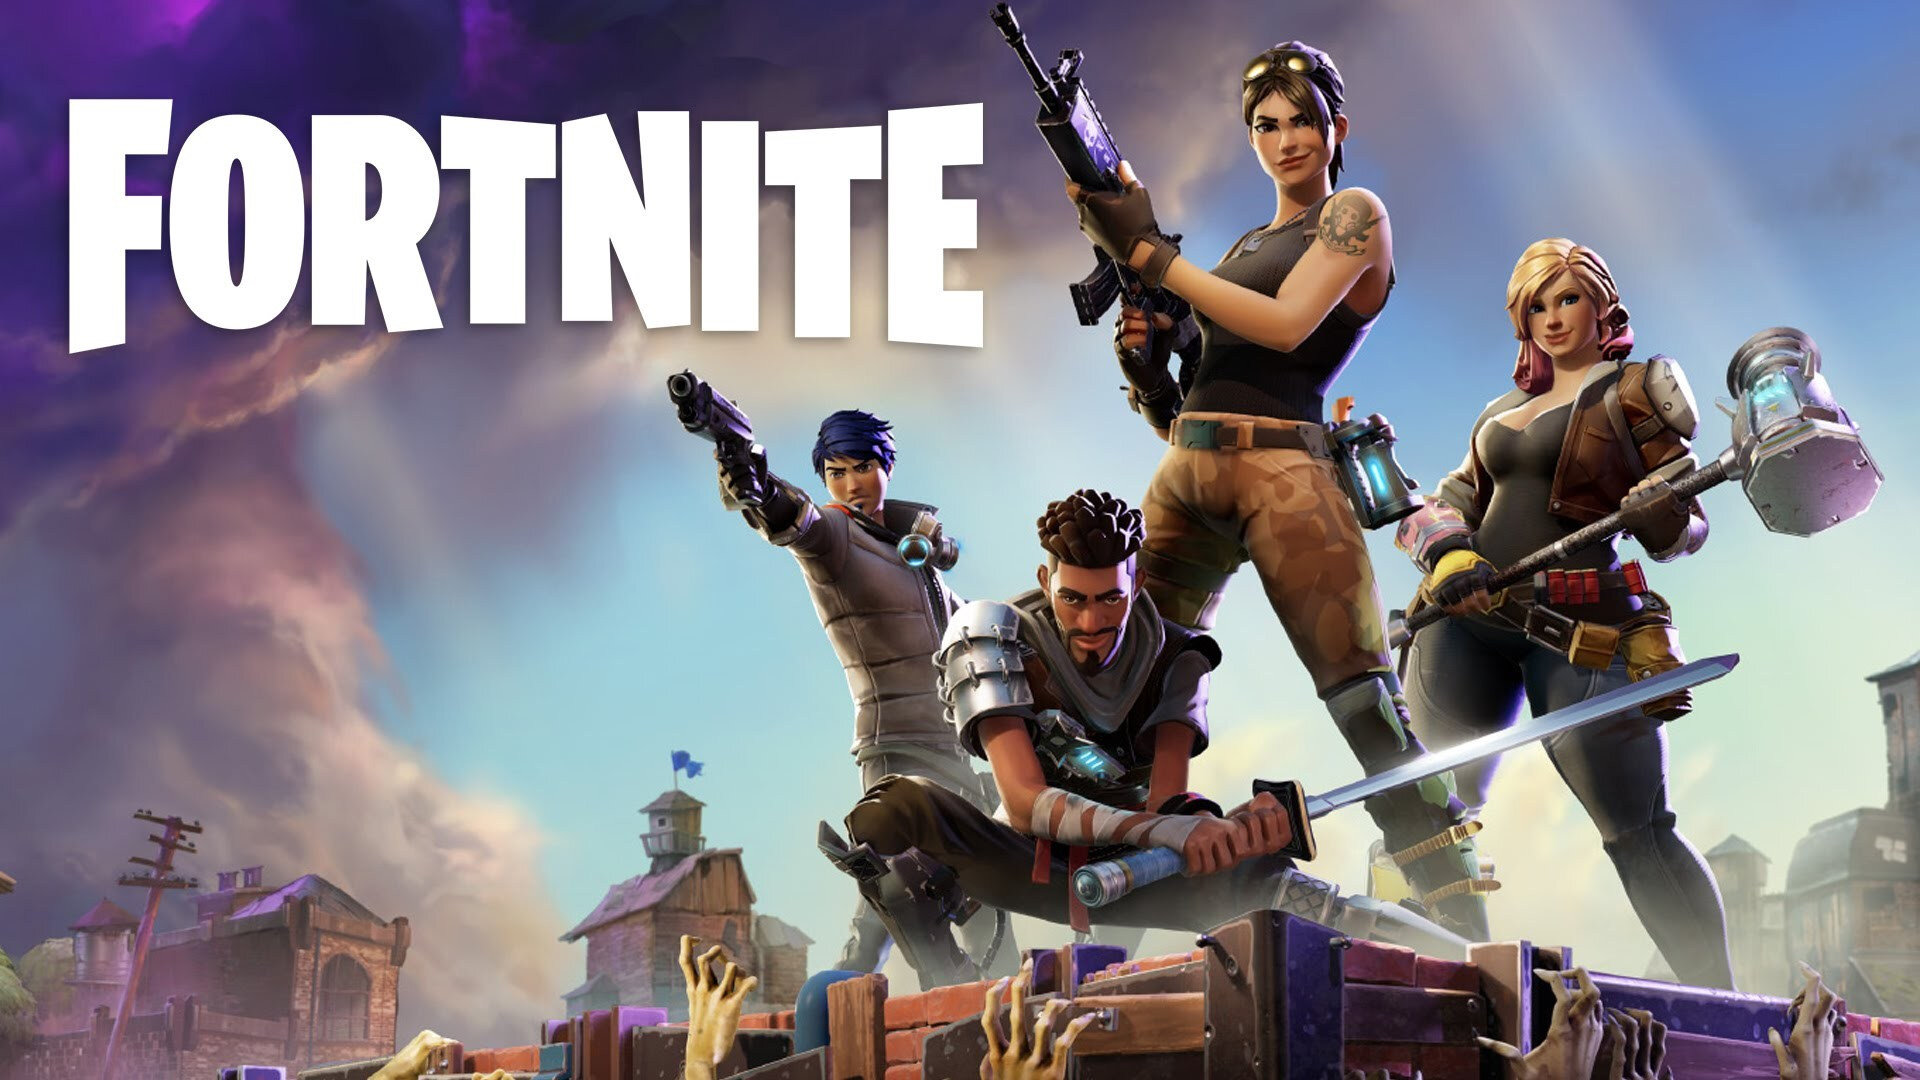 Fortnite'ın oyun karakteri, birçok oyuncu tarafından beğeniyle karşılanıyor.